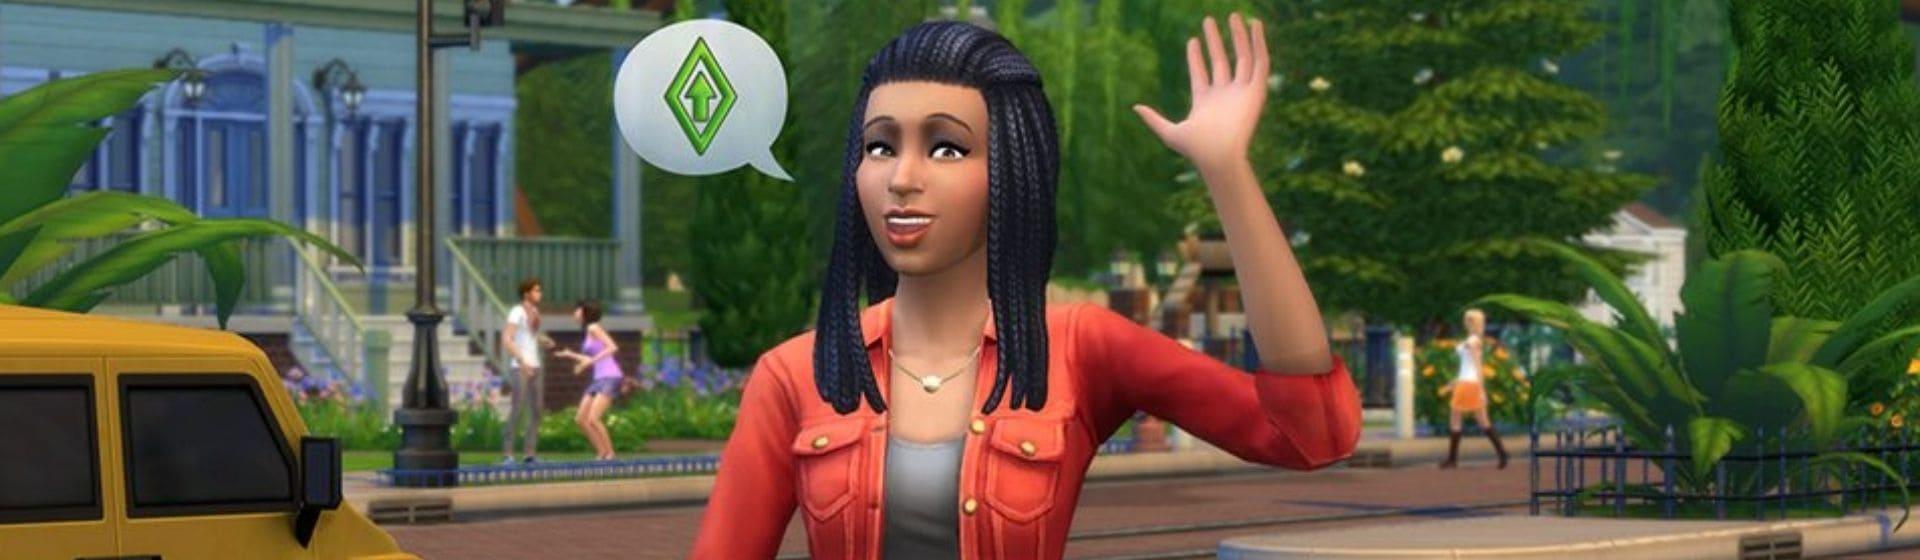 Personagem de The Sims acena para câmera